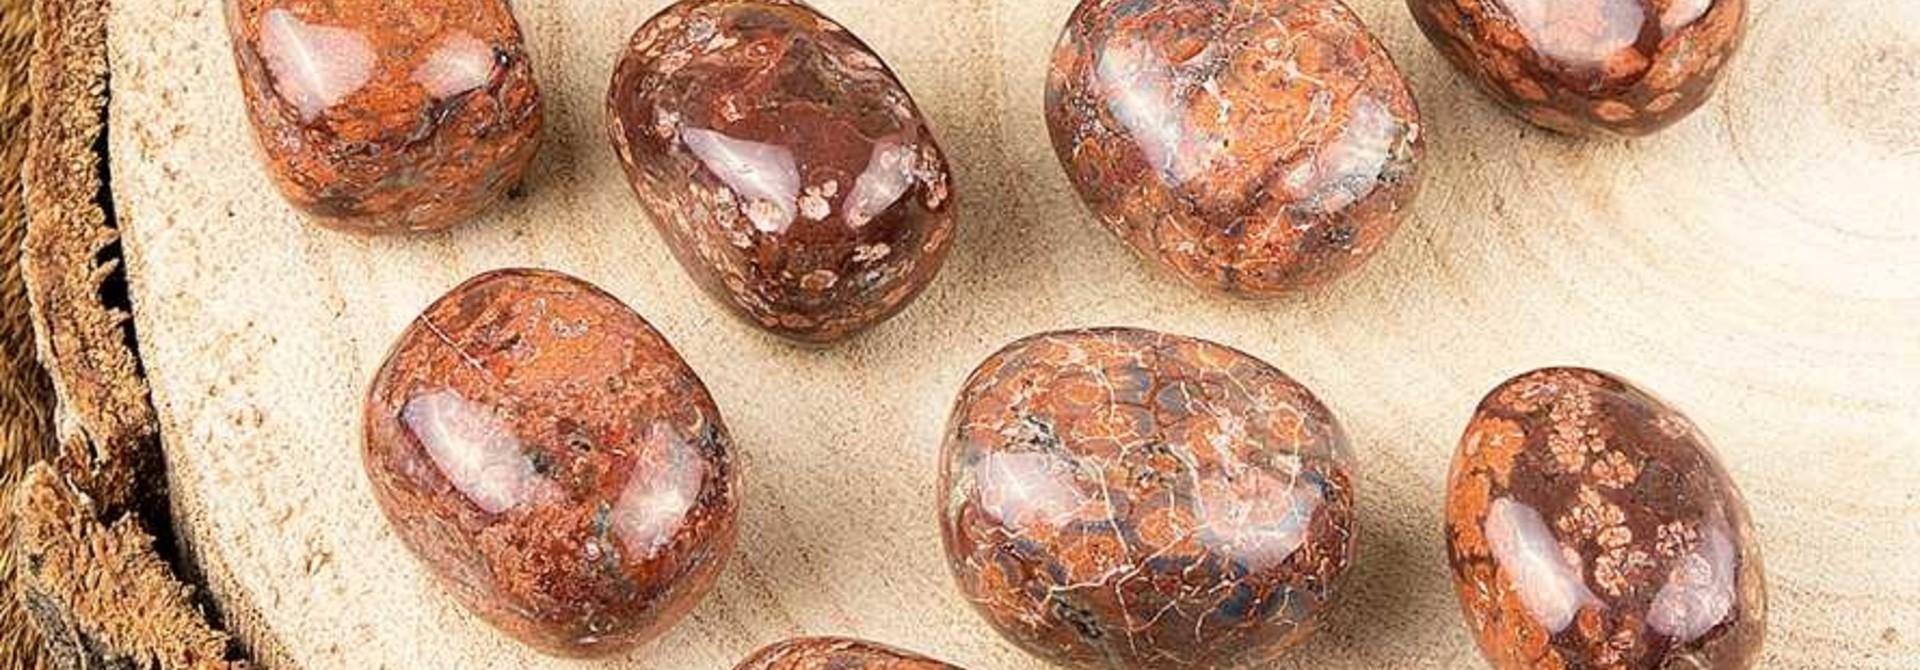 Luipaard Jaspis trommelstenen EX